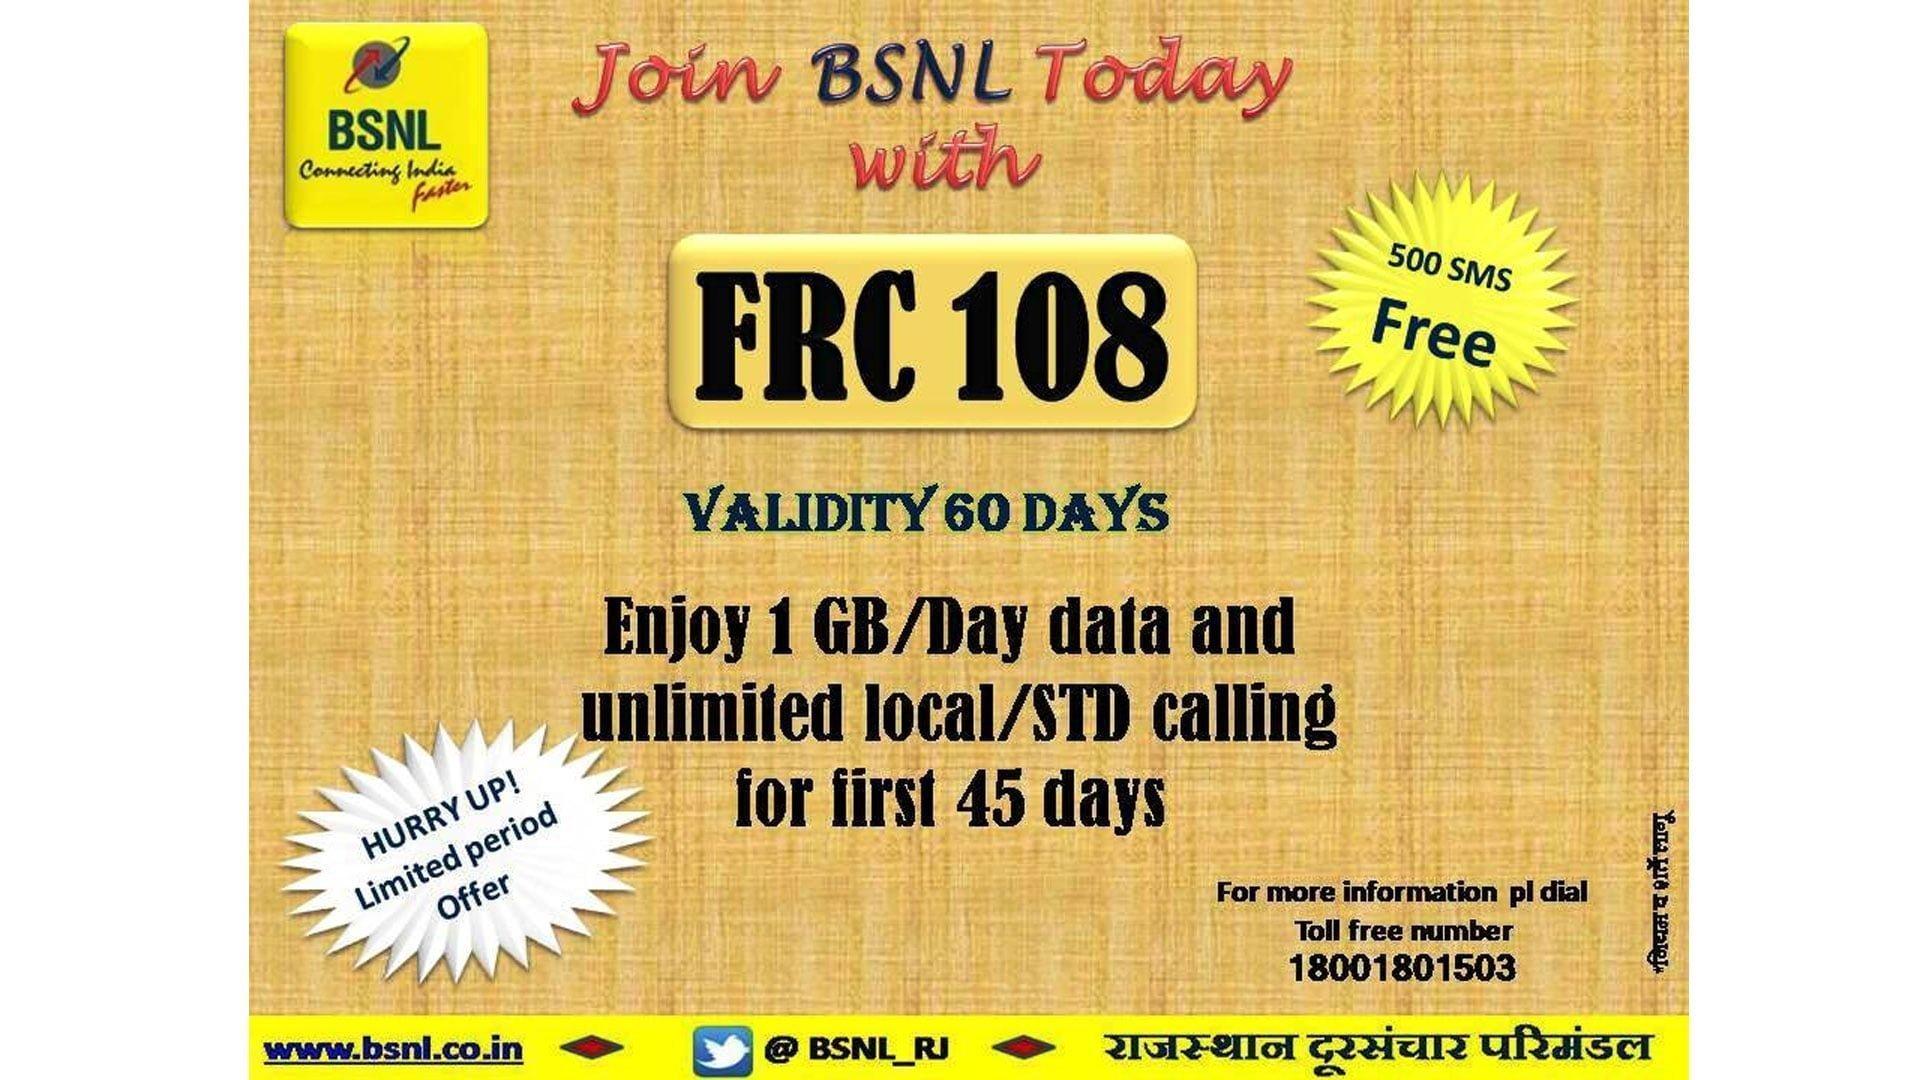 BSNL FRC 108 February 2021